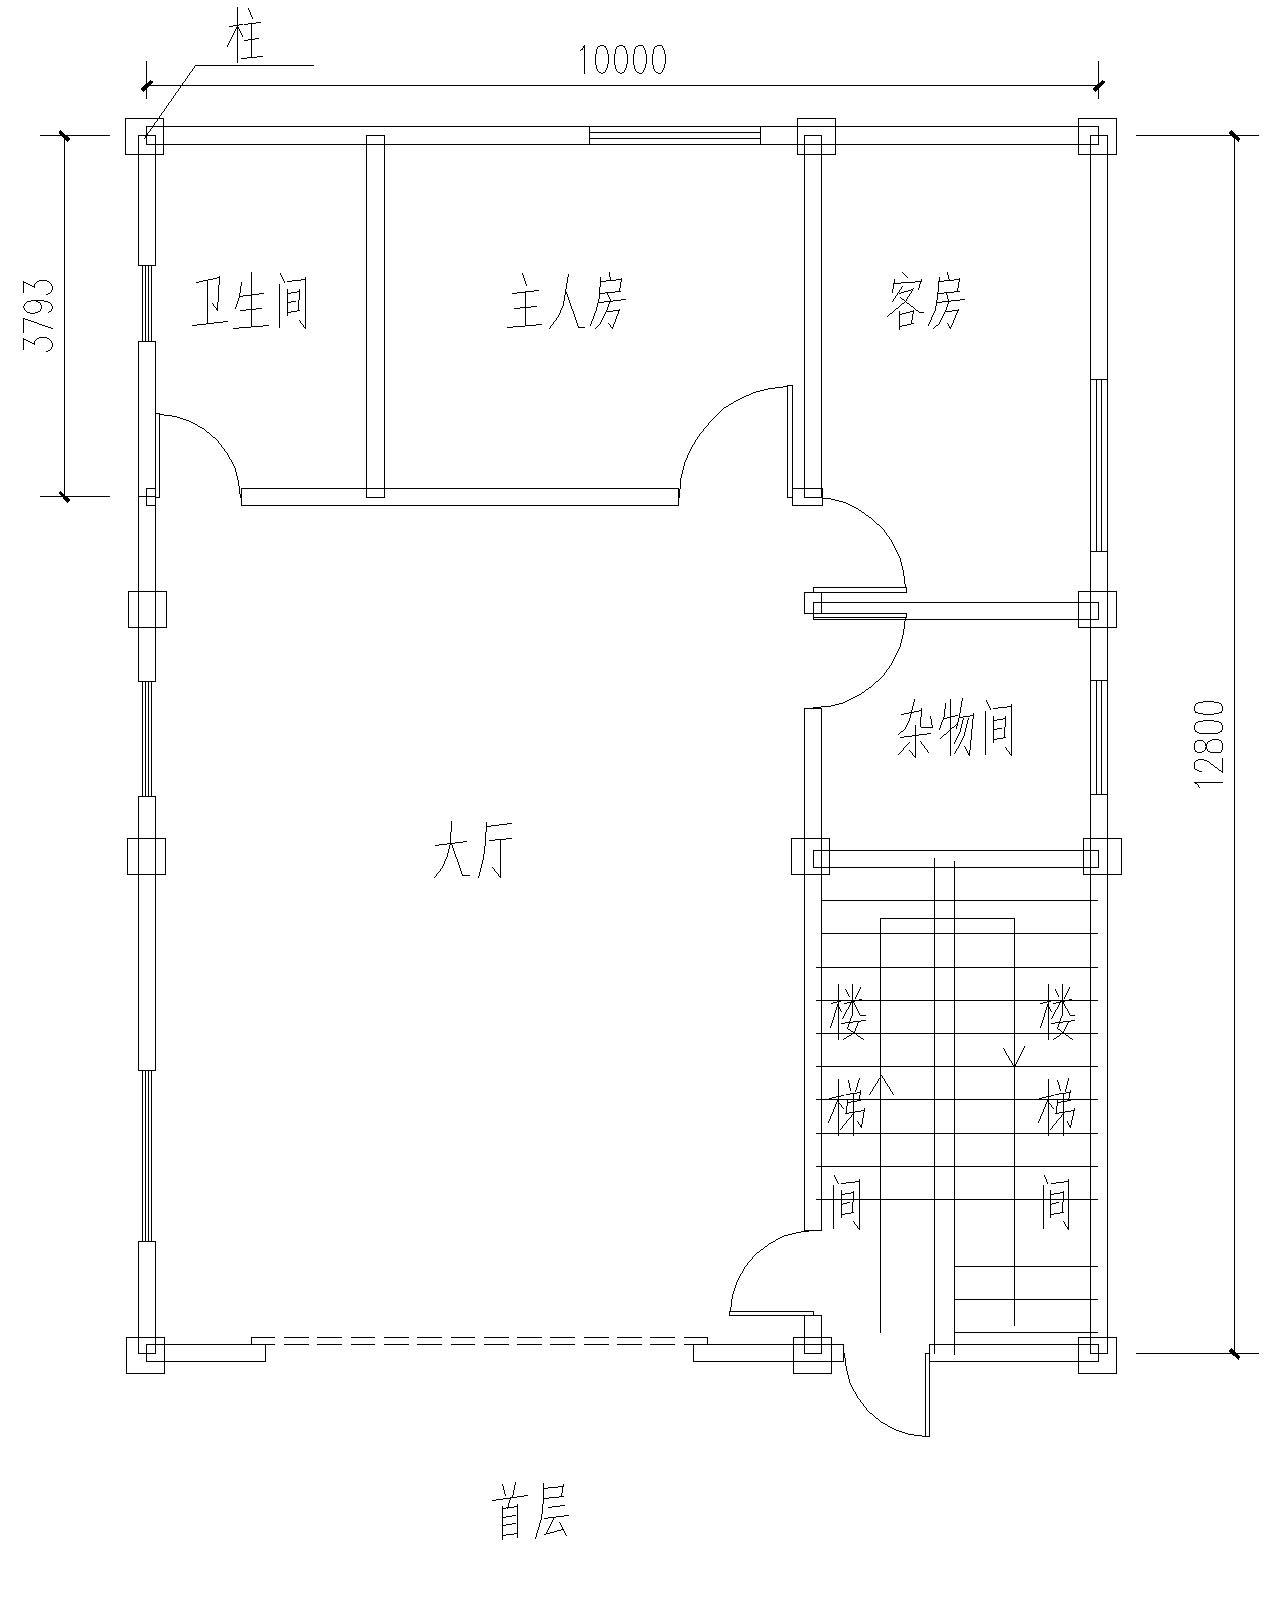 請求風水大師幫看下這房子設計圖的風水格局,屋向是坐北朝南的圖片